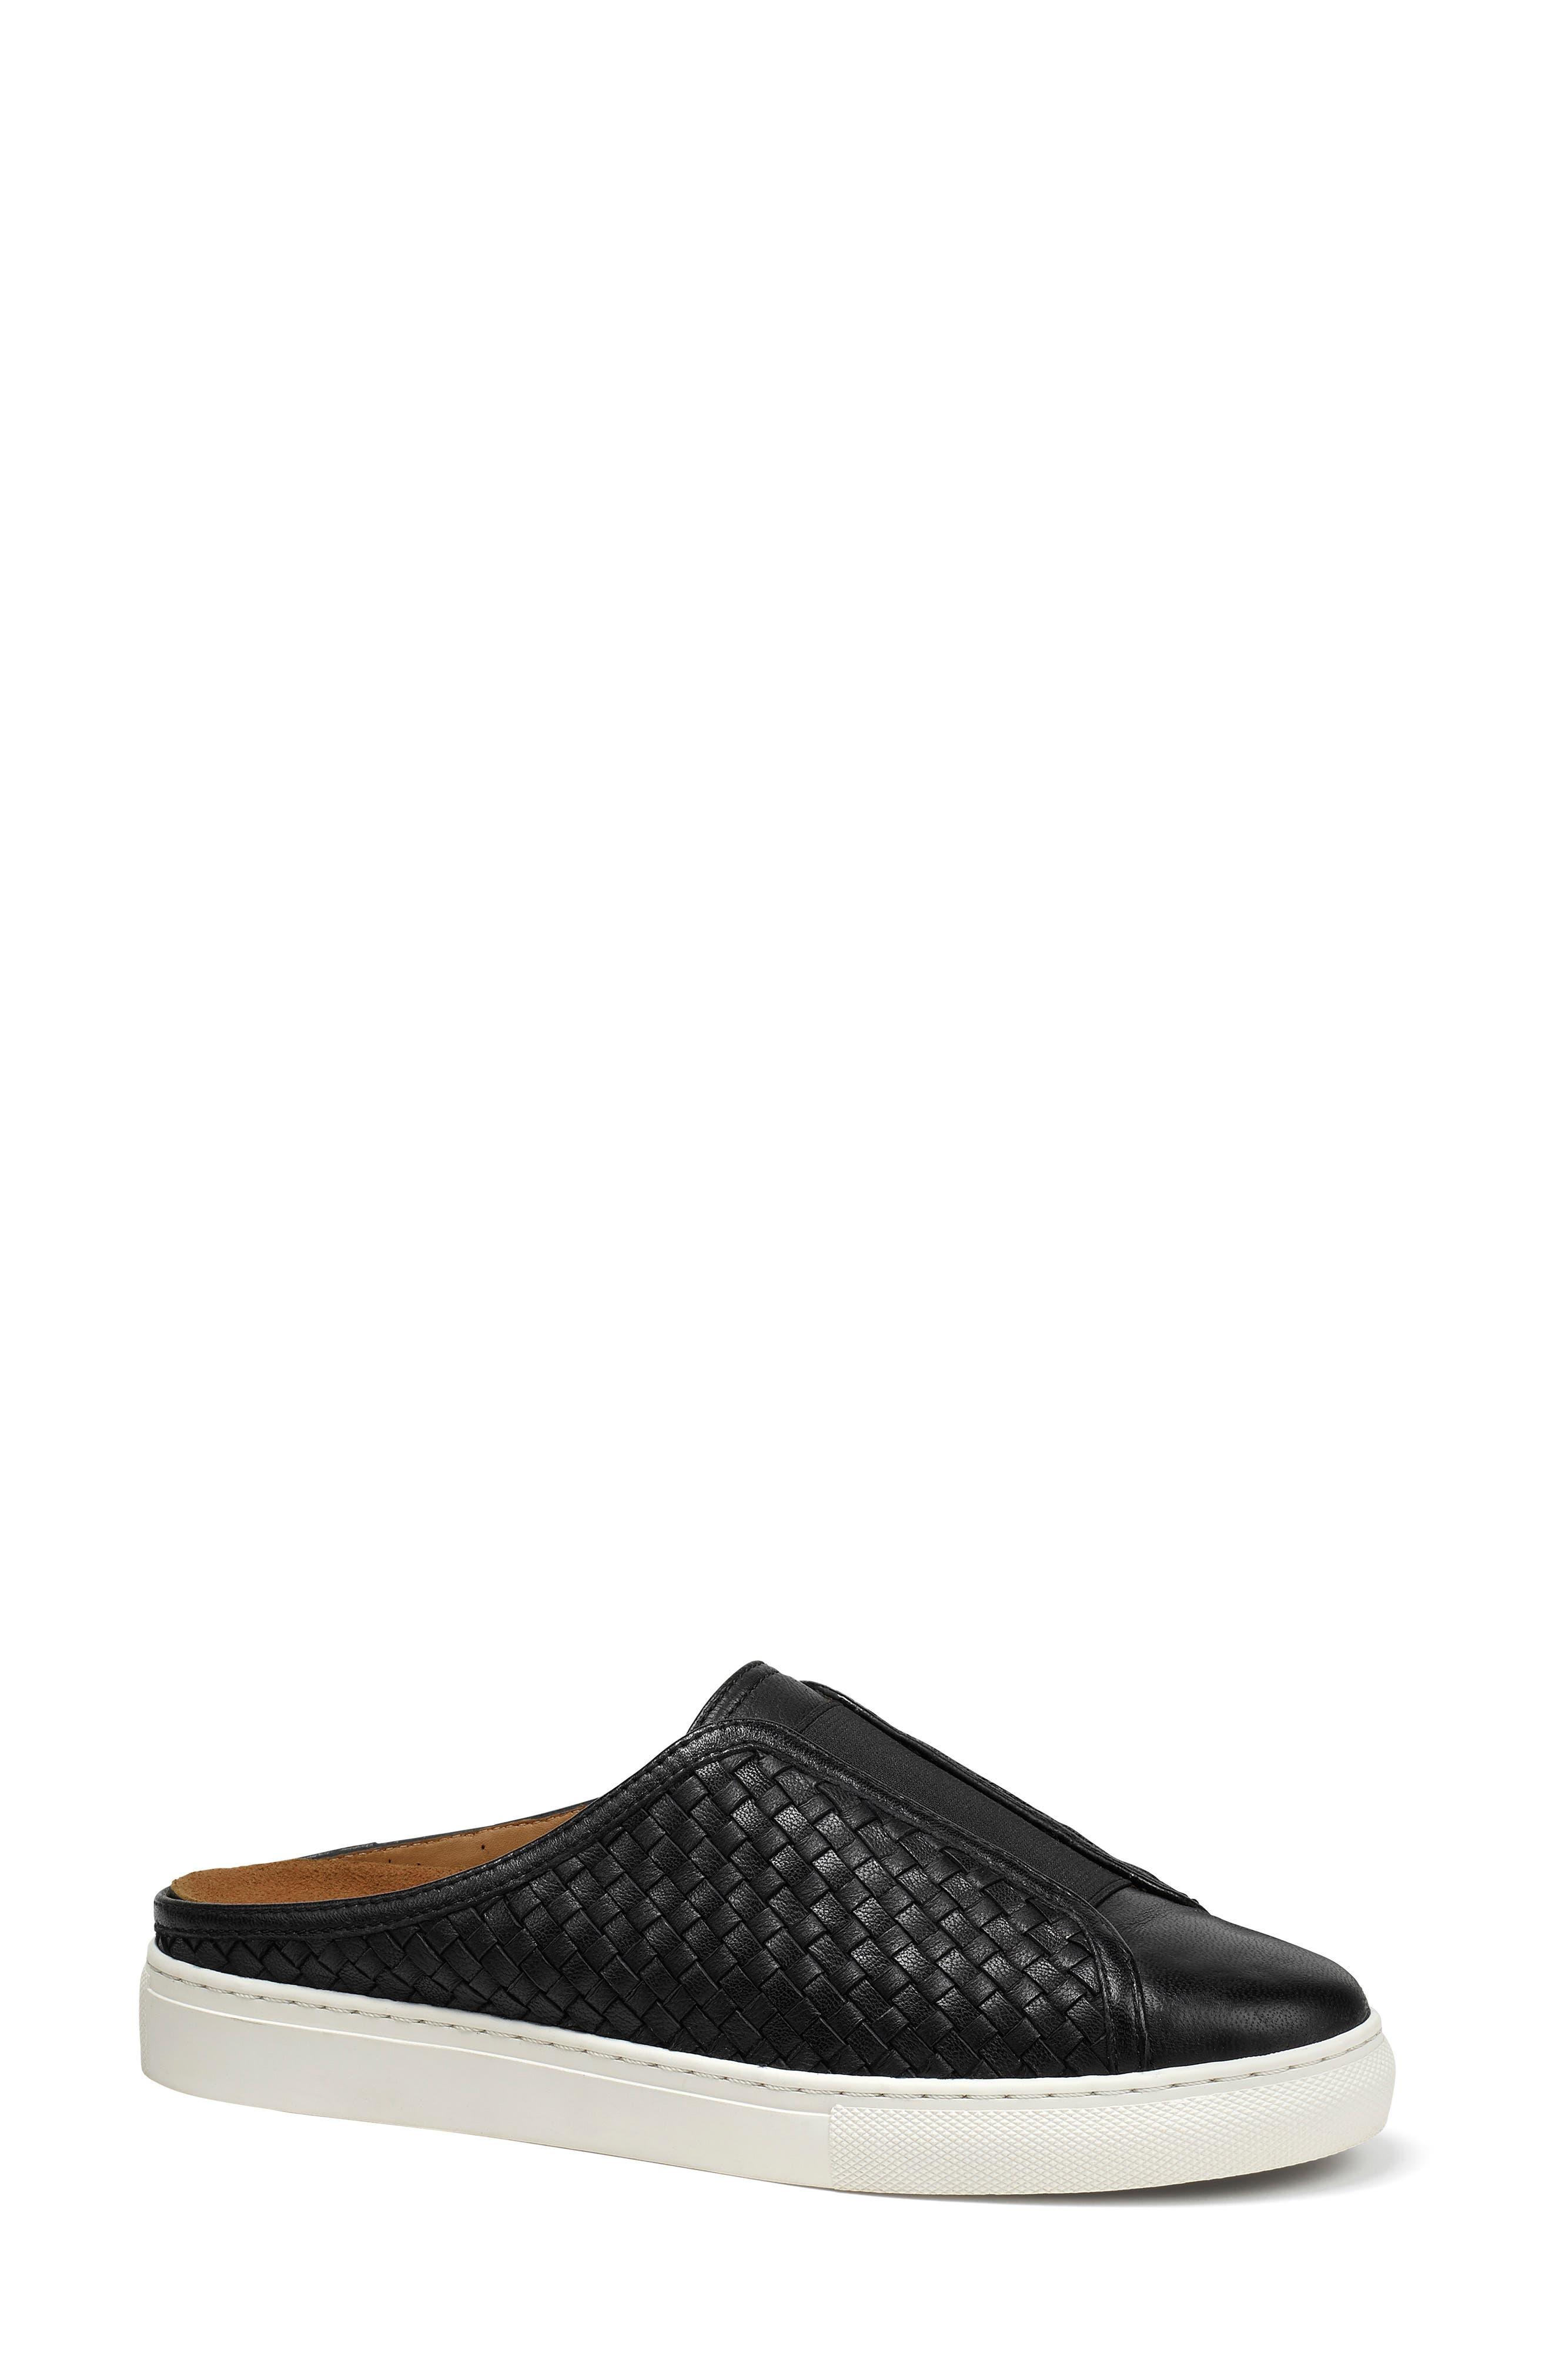 Trask Lacy Sneaker Mule- Black